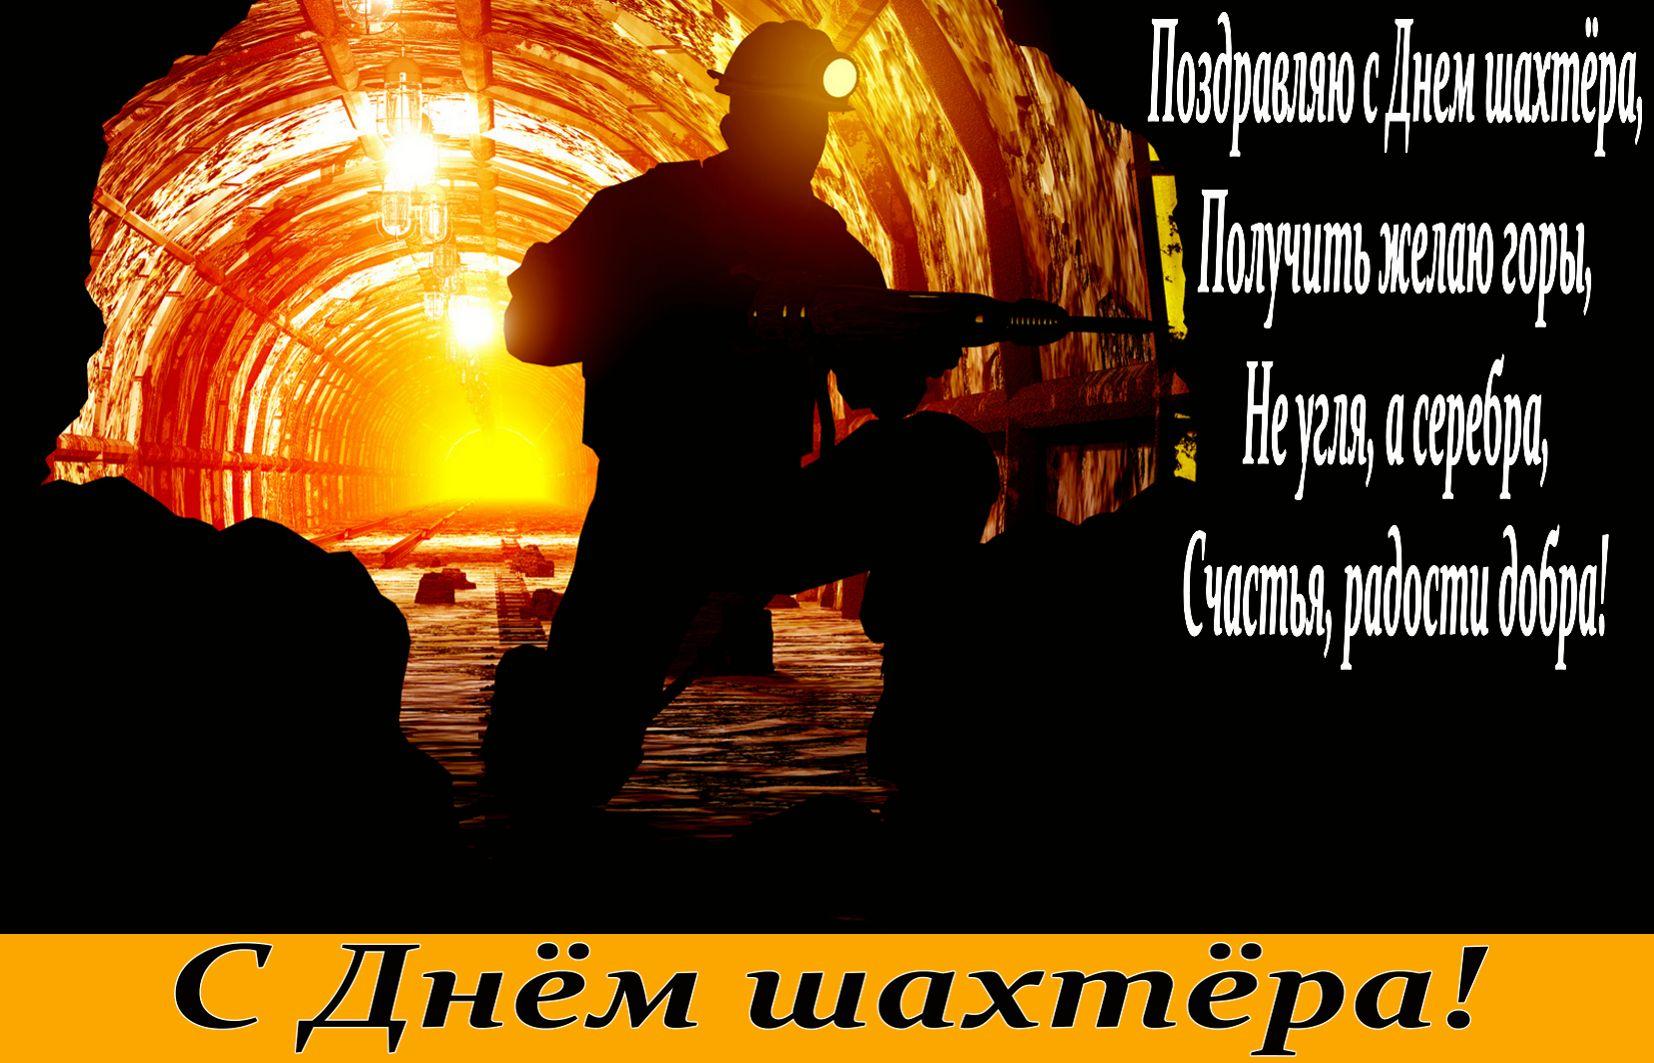 Поздравление брату с днём шахтёра